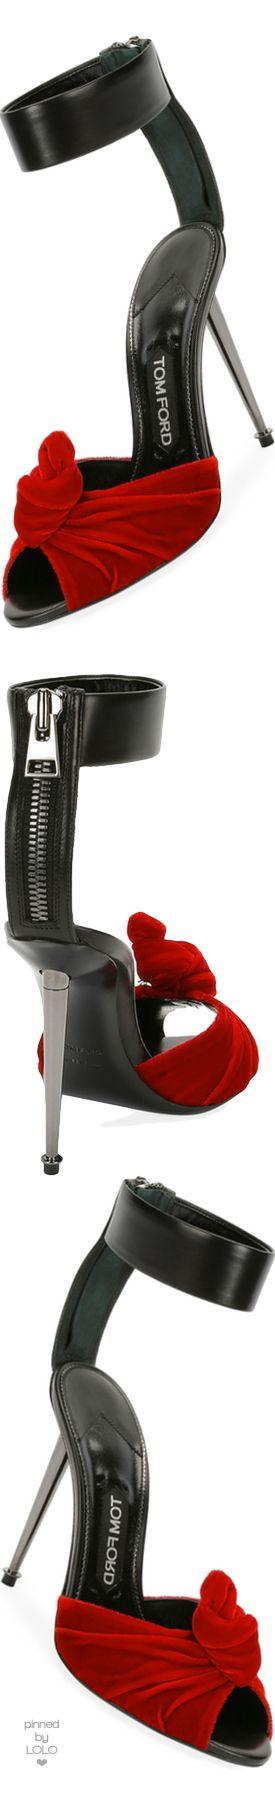 TOM FORD Velvet/Leather Knot Hardware-Heel Sandal Red/Black